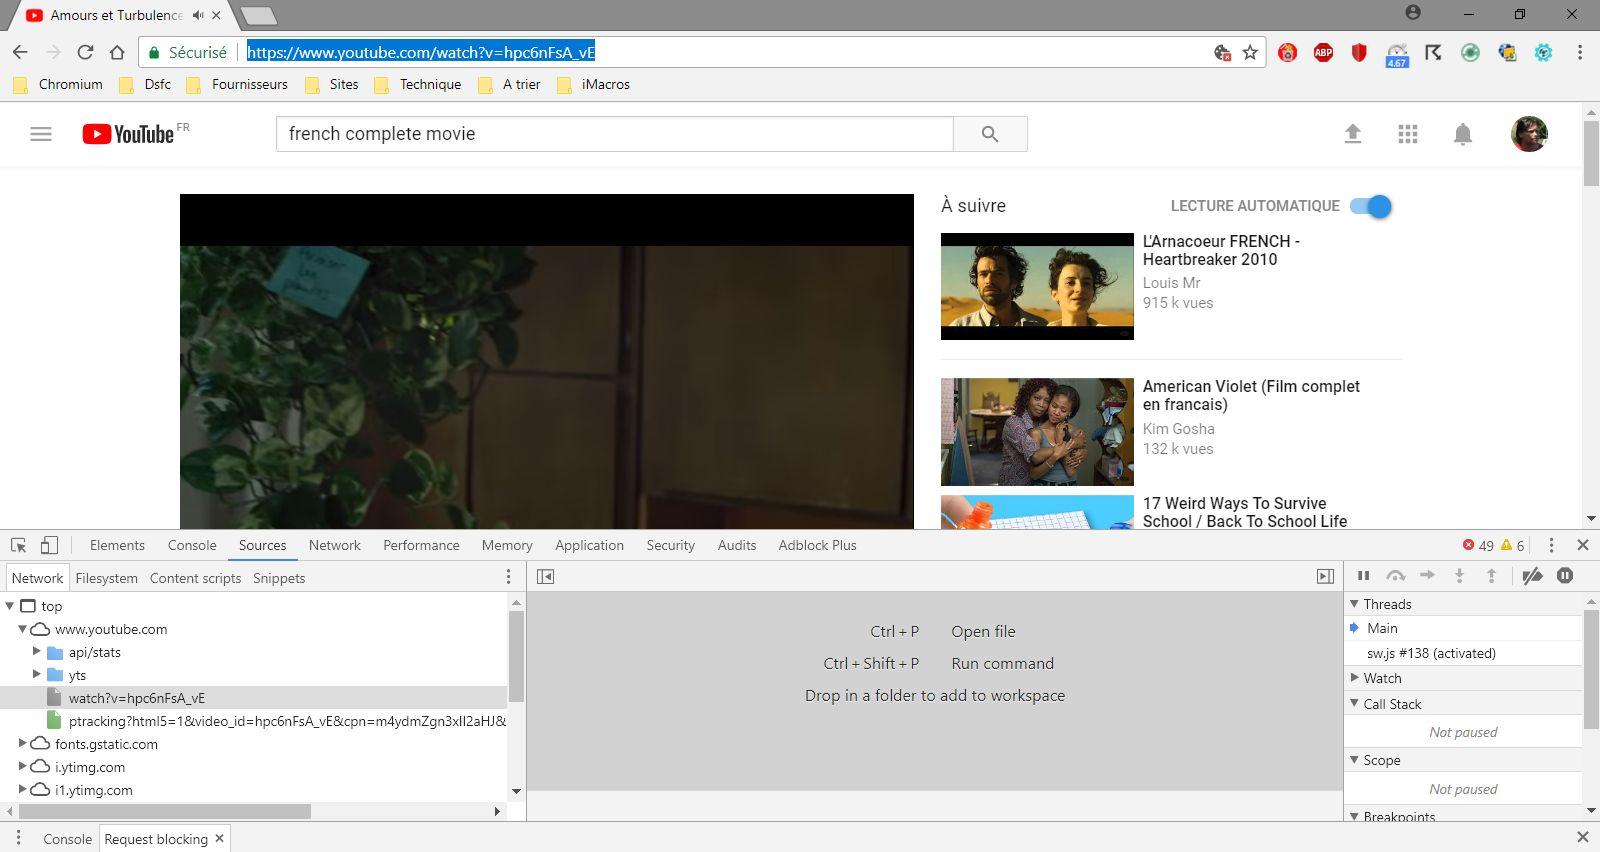 Youtube, pour télécharger les films complets